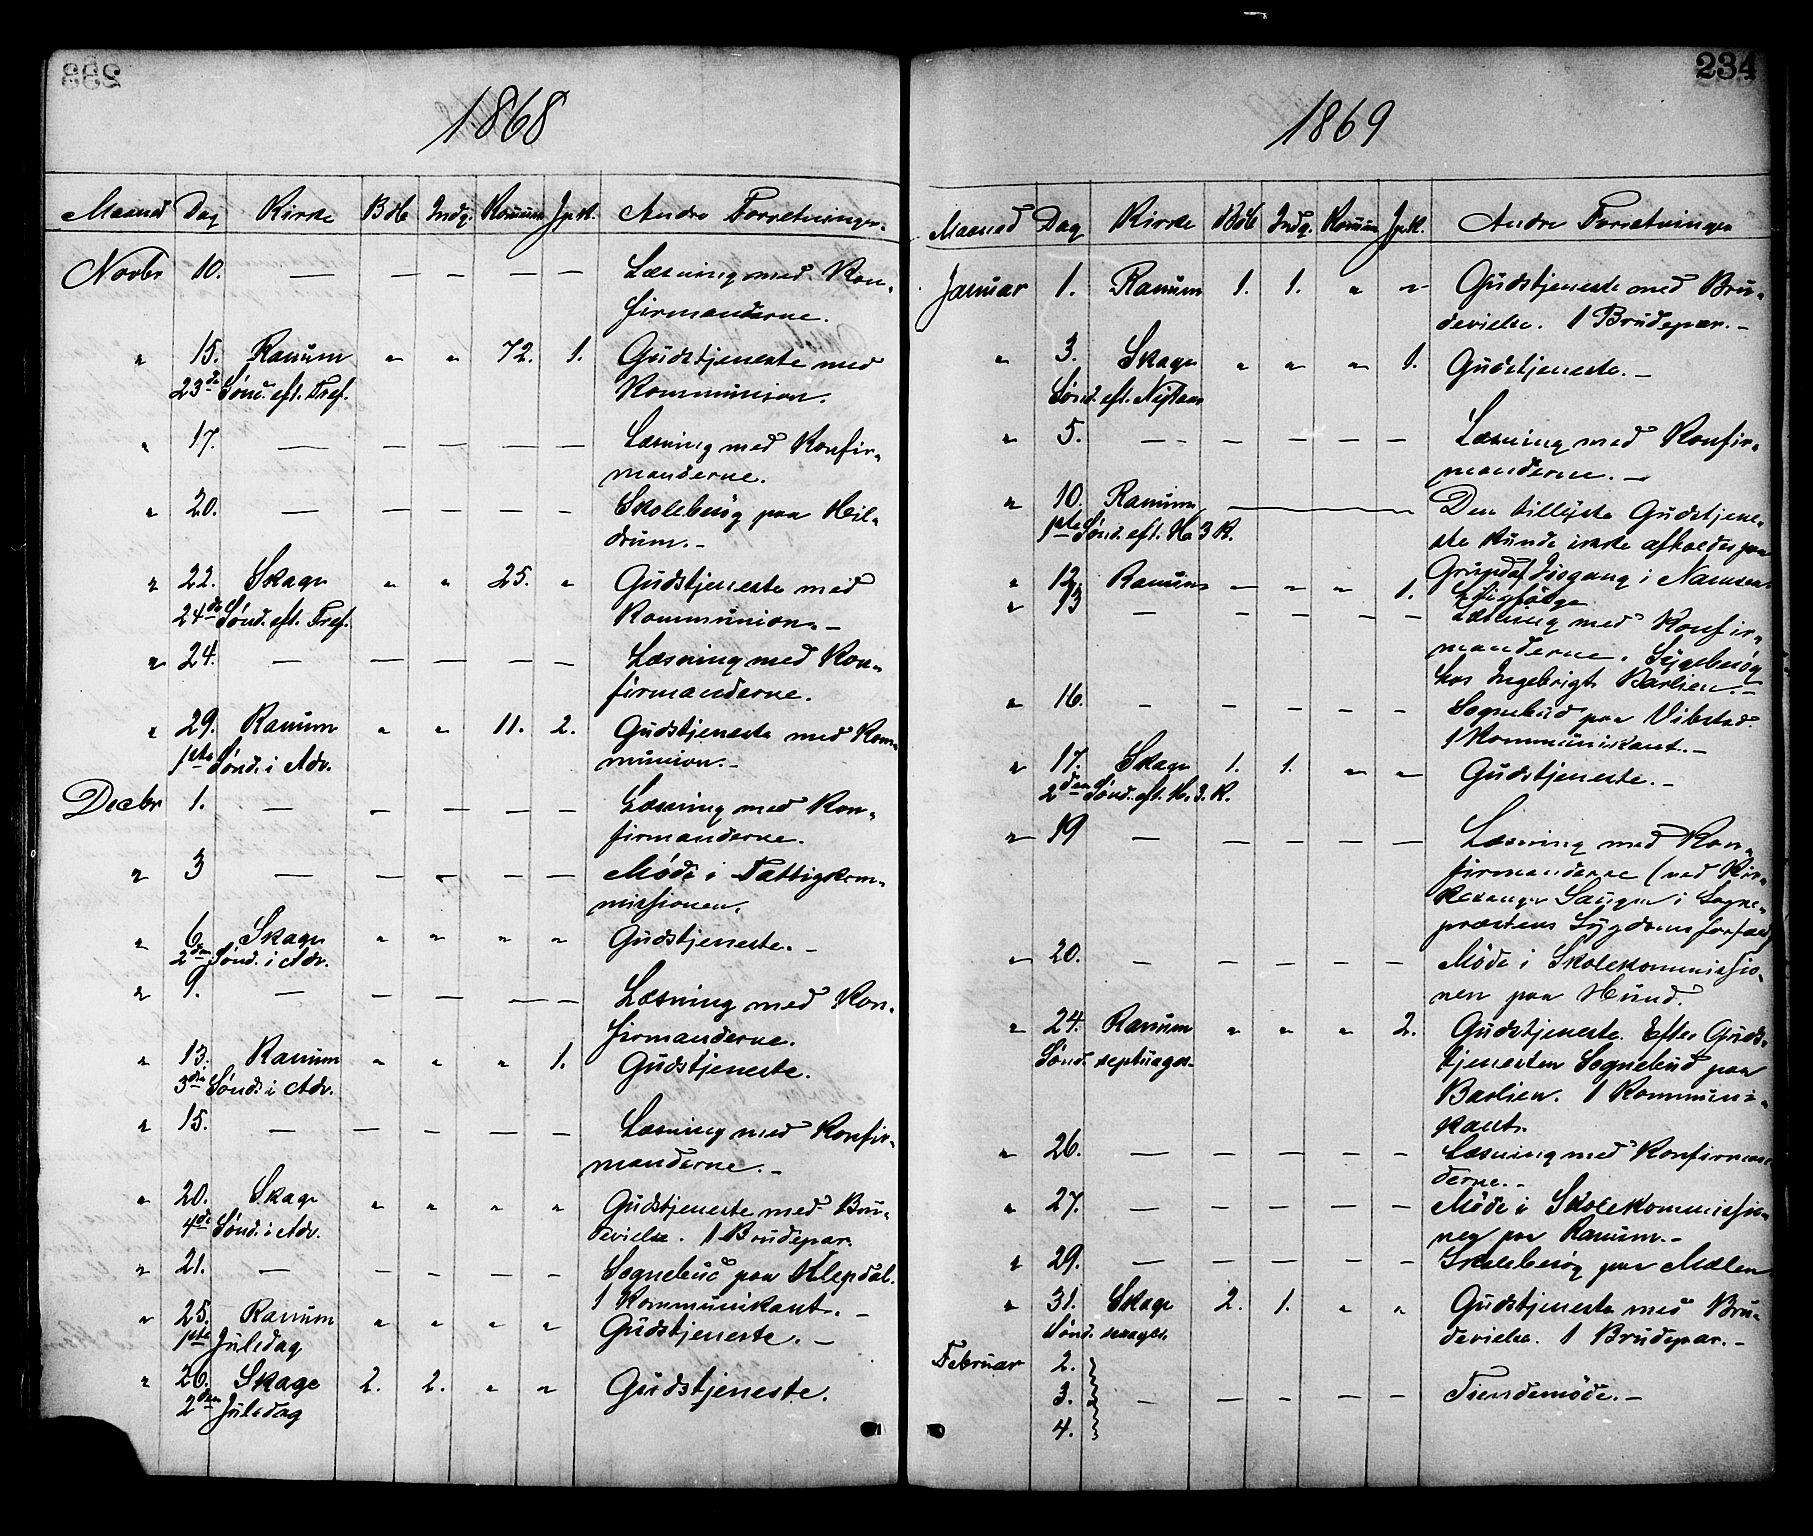 SAT, Ministerialprotokoller, klokkerbøker og fødselsregistre - Nord-Trøndelag, 764/L0554: Ministerialbok nr. 764A09, 1867-1880, s. 234